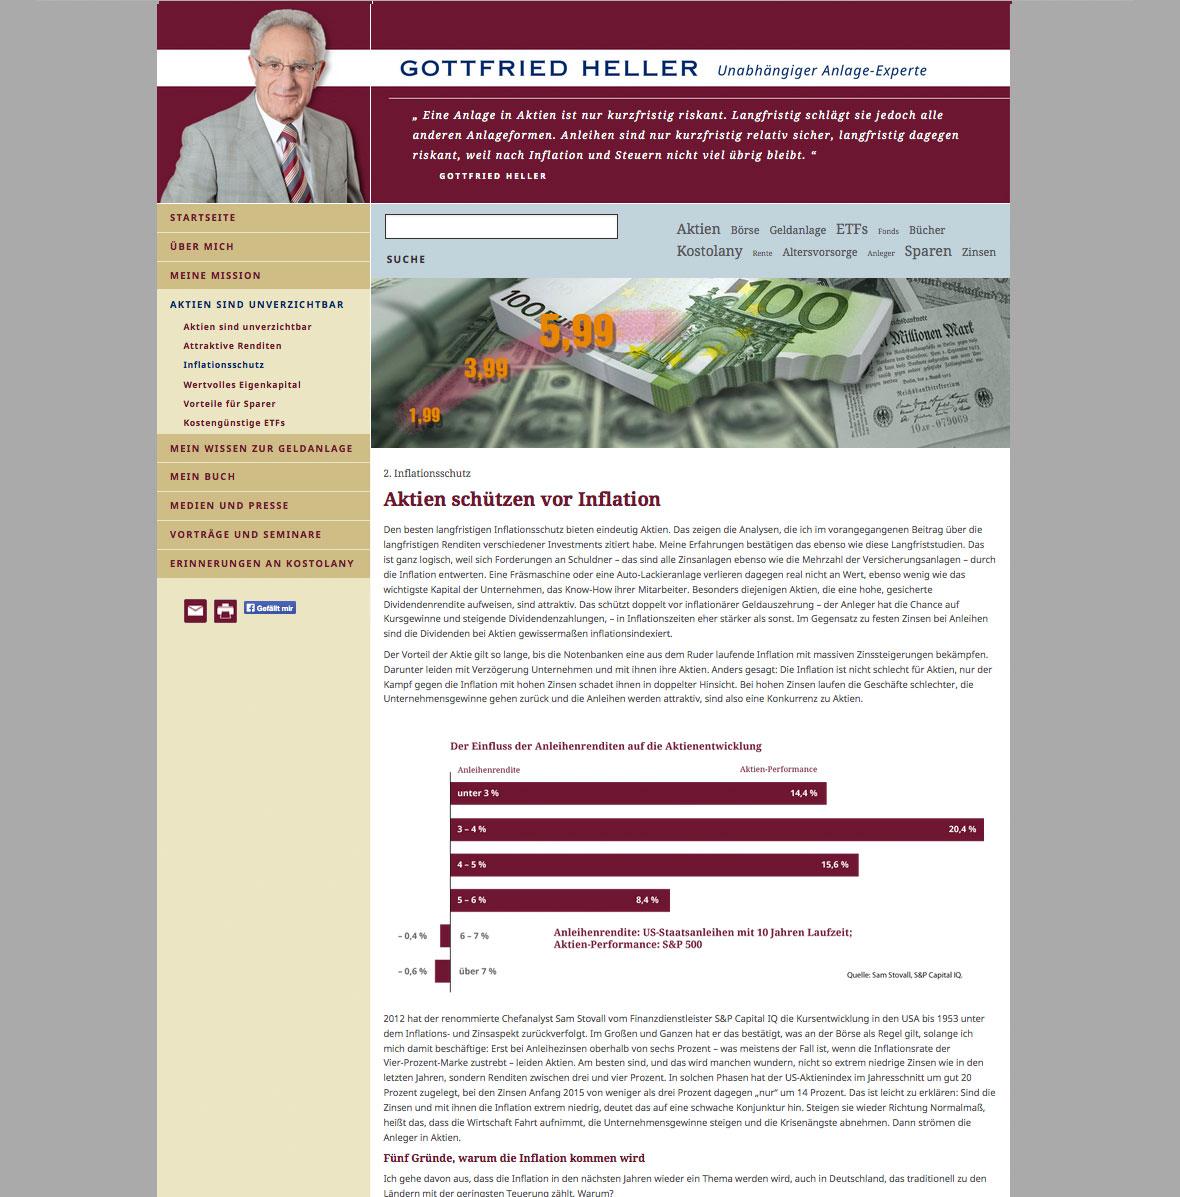 punktneun-Gottfried-Heller-Webseite-Inflationsschutz